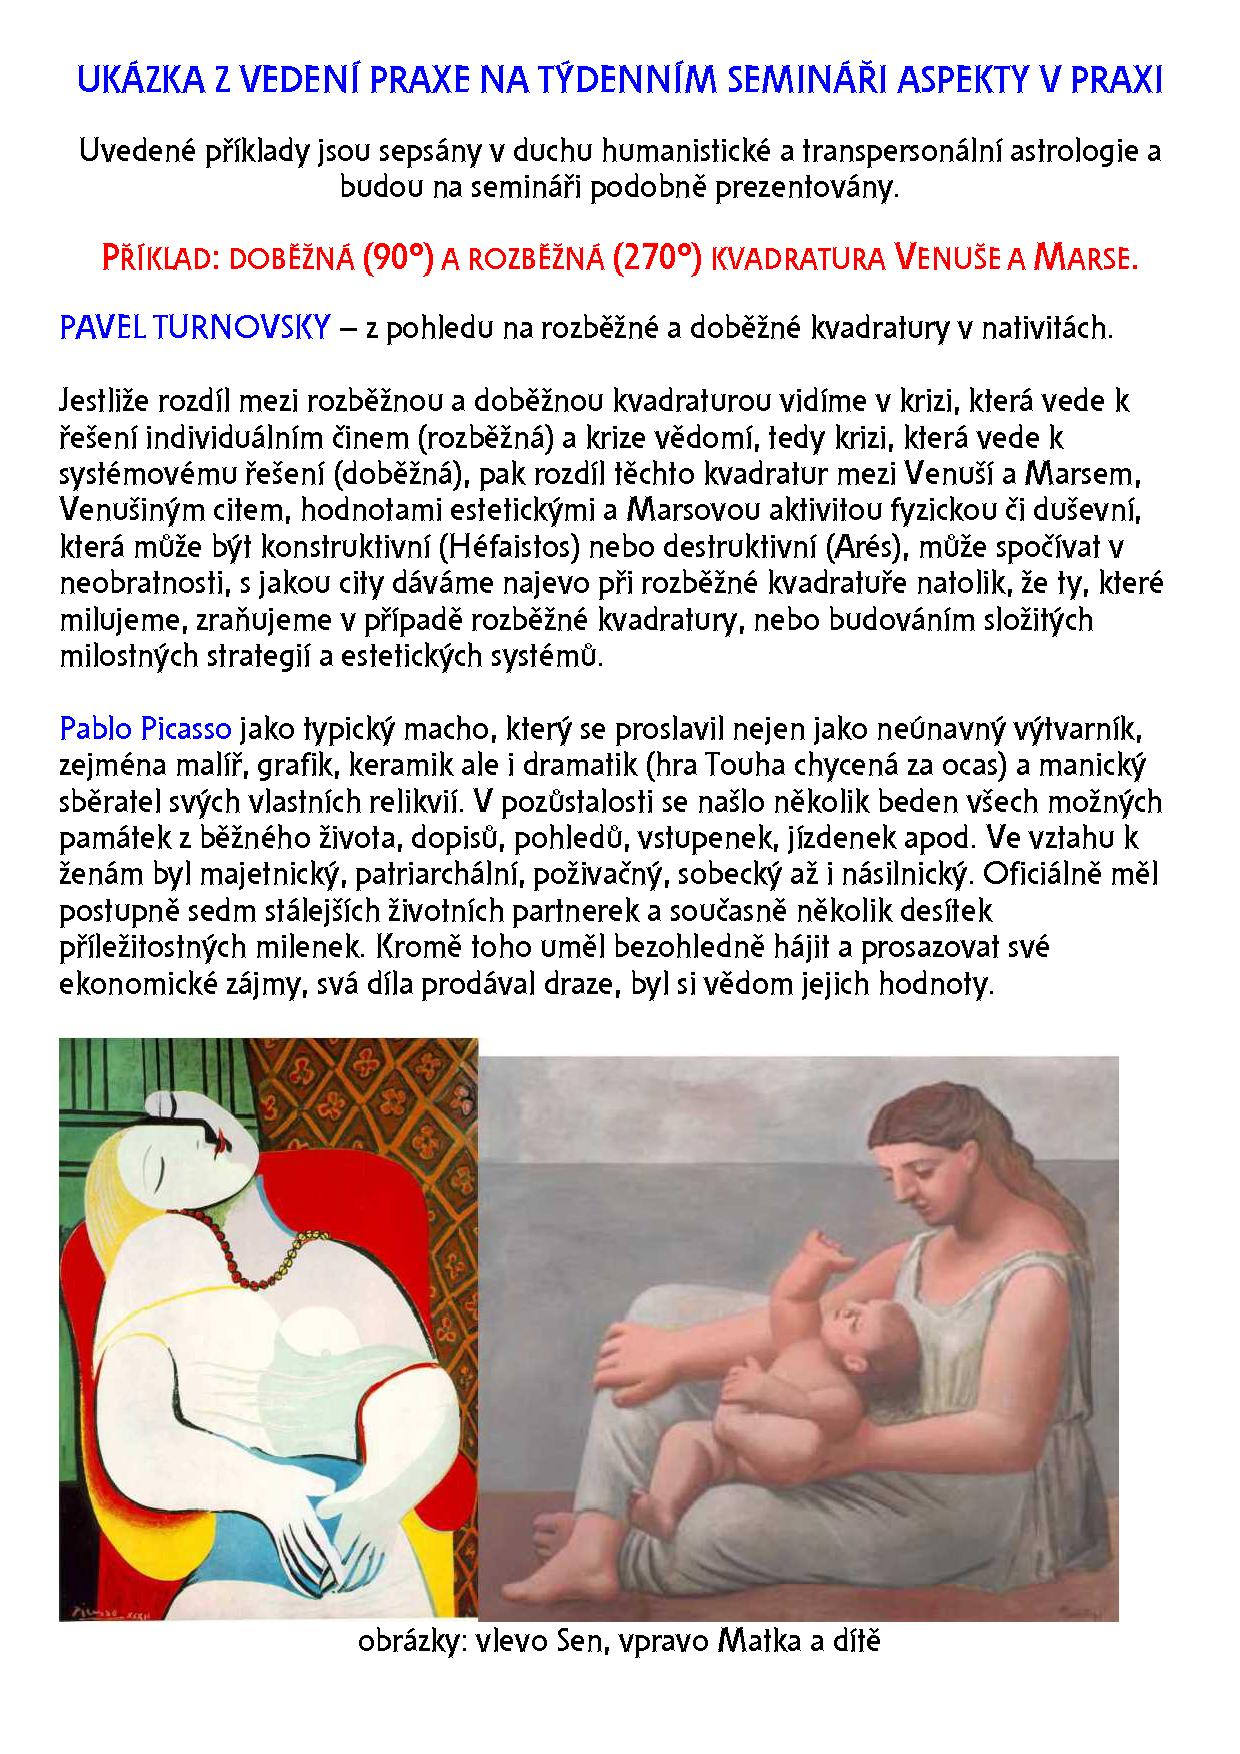 Ukázka_semináře_Aspekty_v_praxi-1